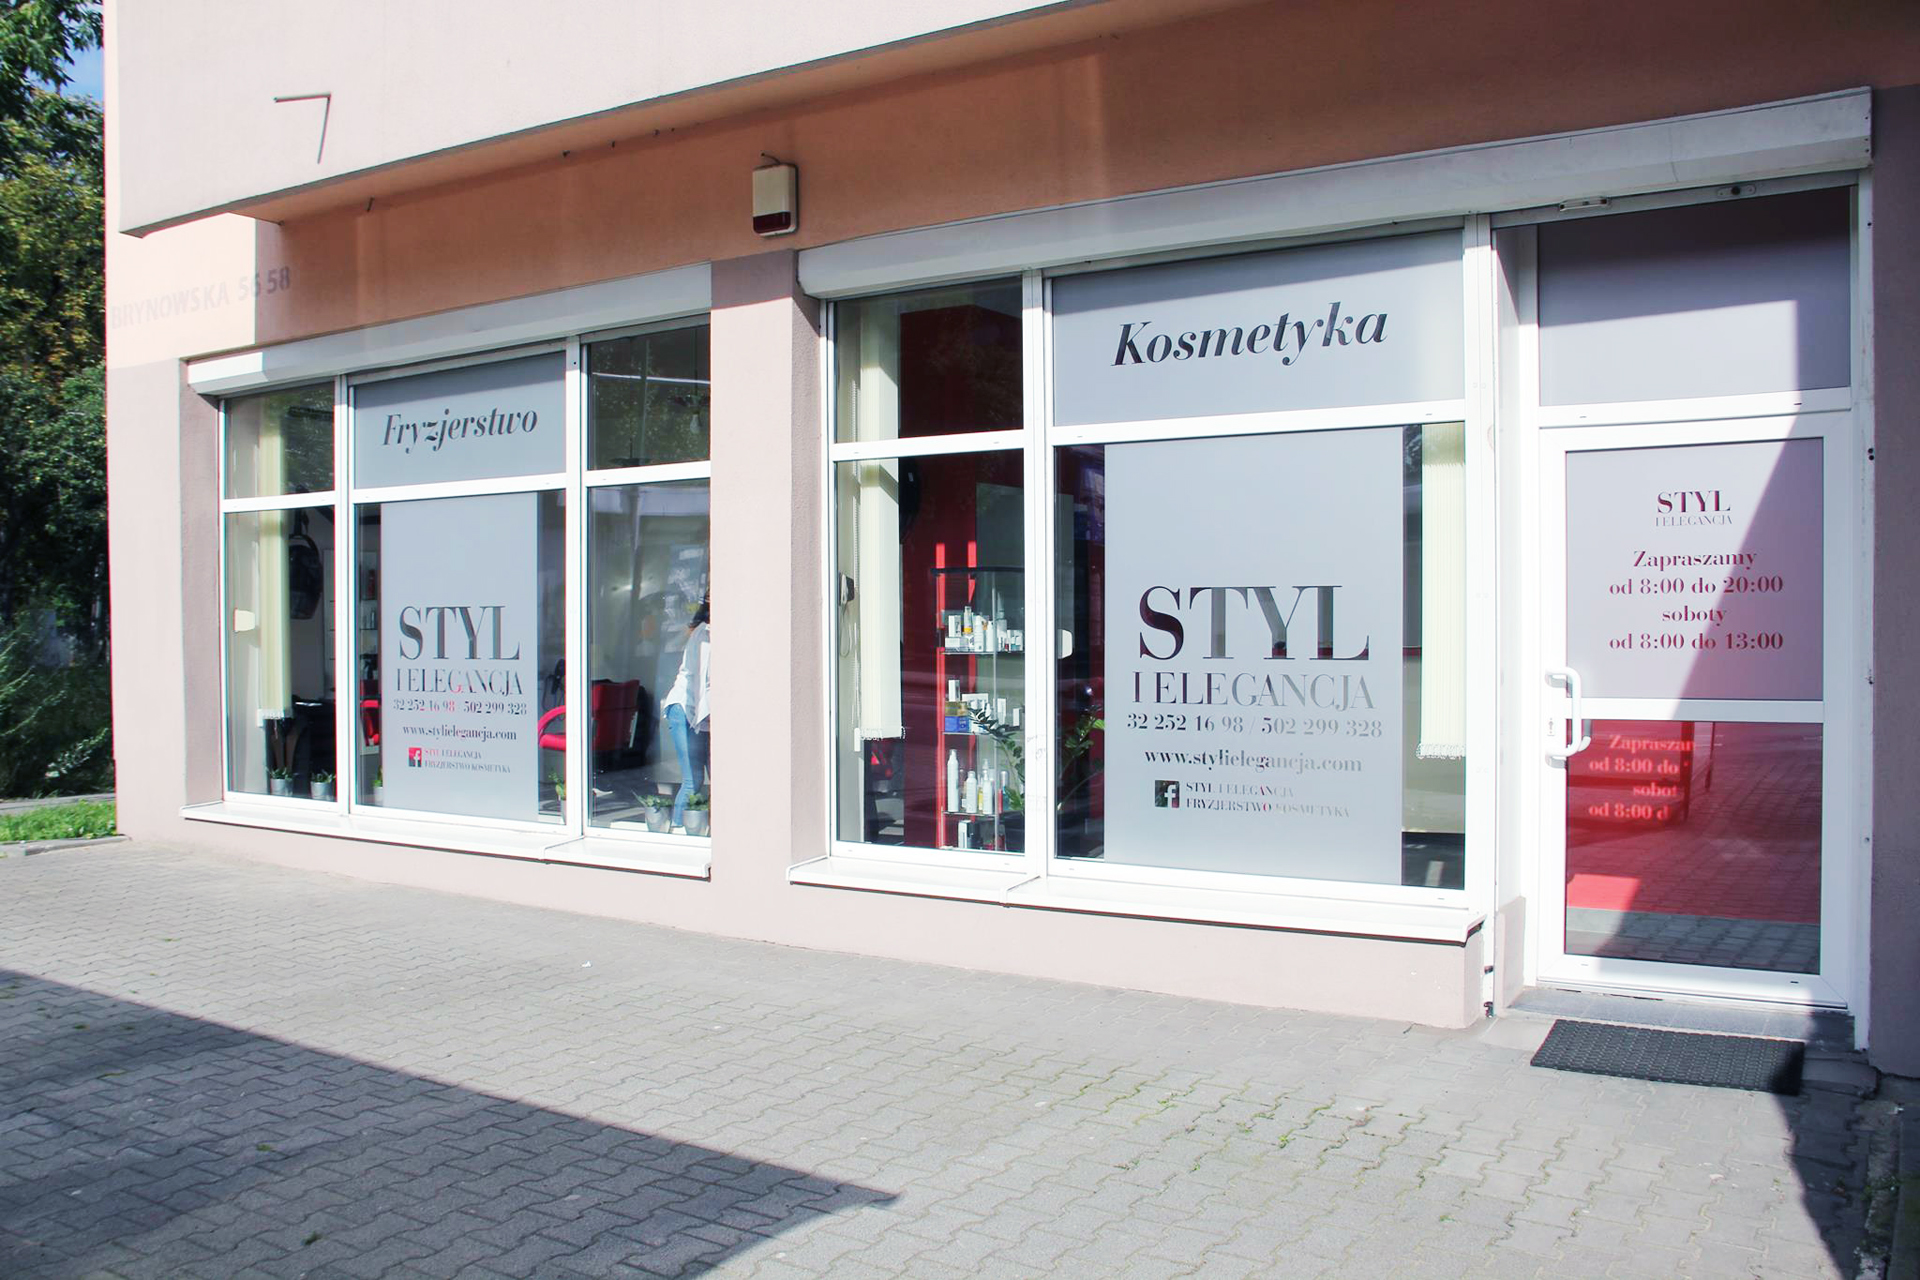 salon fryzjerski salon kosmetyczny katowice godziny